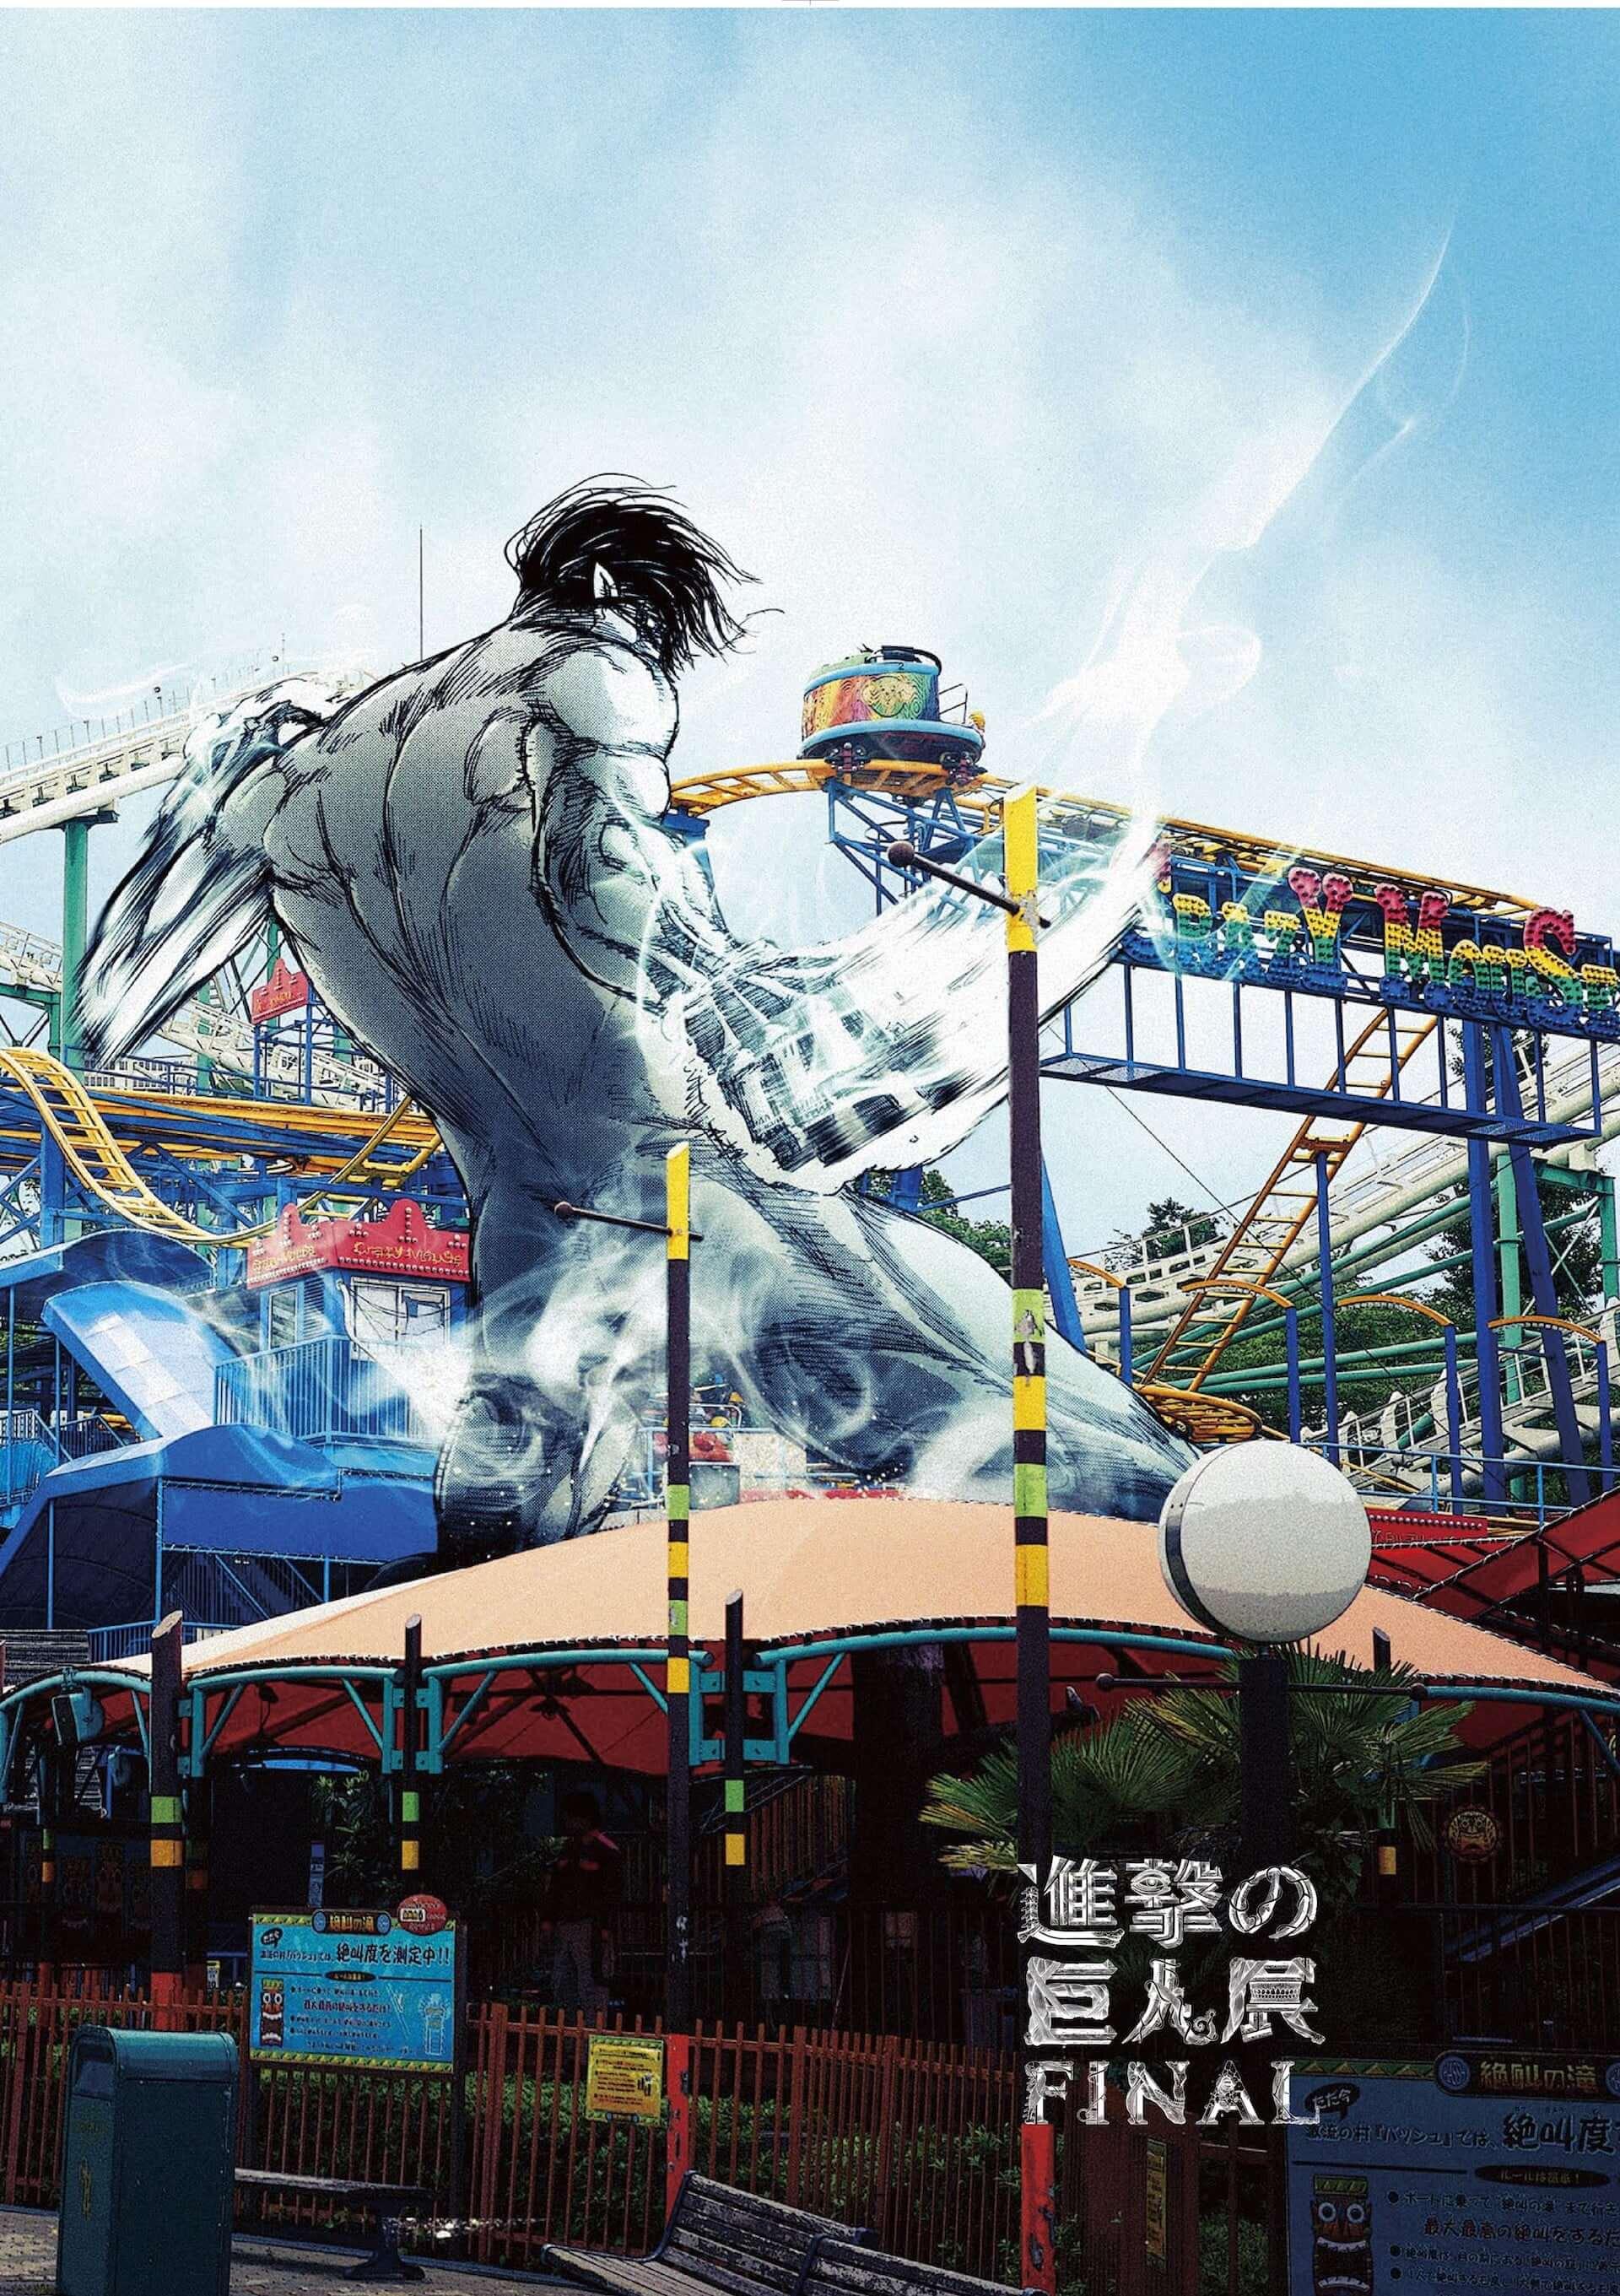 進撃の巨人がひらパーに襲来!<進撃の巨人展FINALinひらかたパーク>が開催|大阪展限定描き下ろしアニメイラストも公開 art190913_shingekinokyojin_hirakata_1-1920x2721